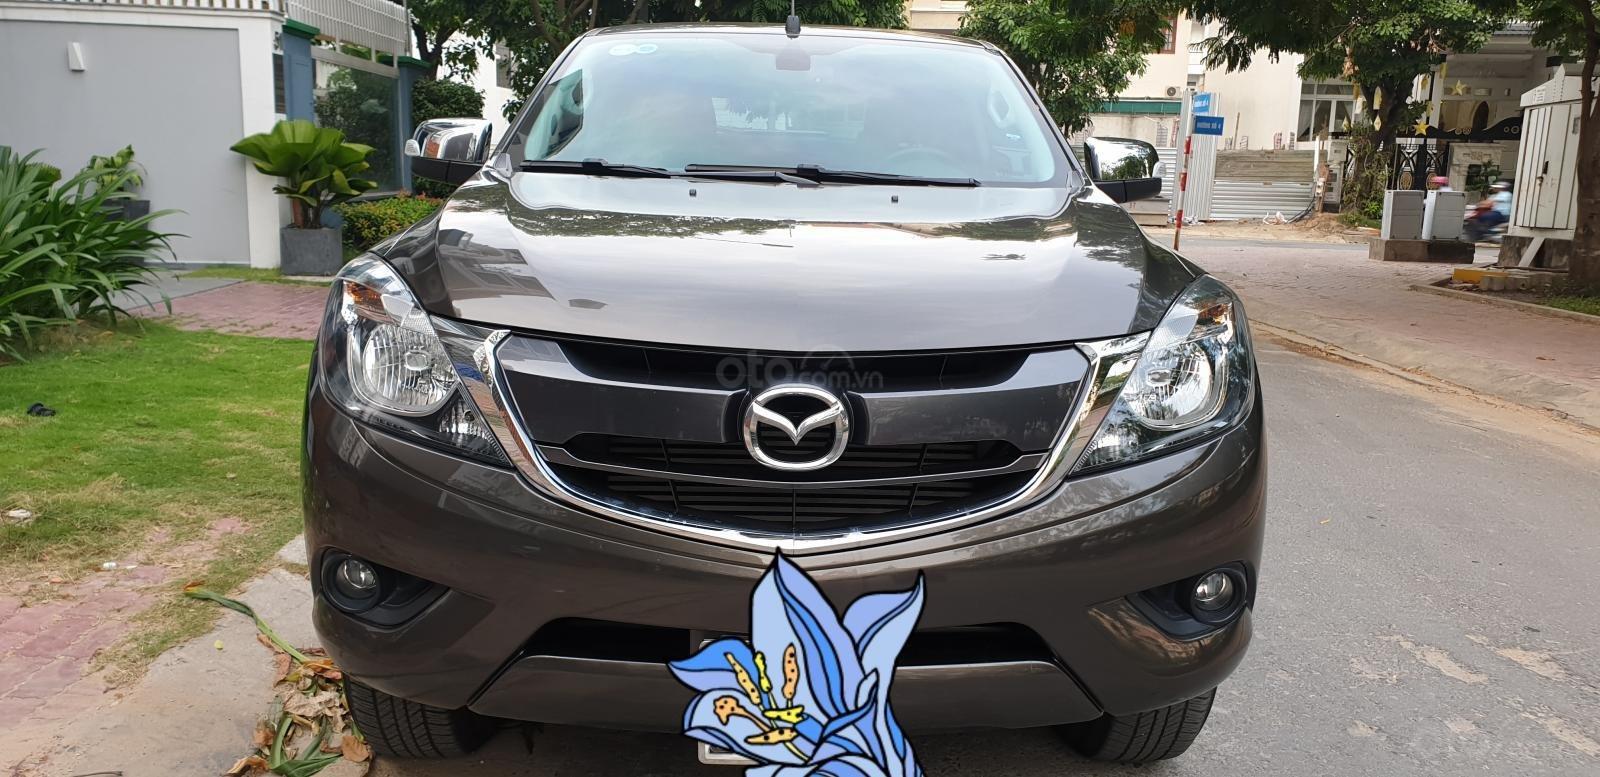 Bán Mazda BT 50 máy dầu, 2.2 số tự động, model 2018 đời T10/2017, màu nâu, nhập khẩu mới 95%-8